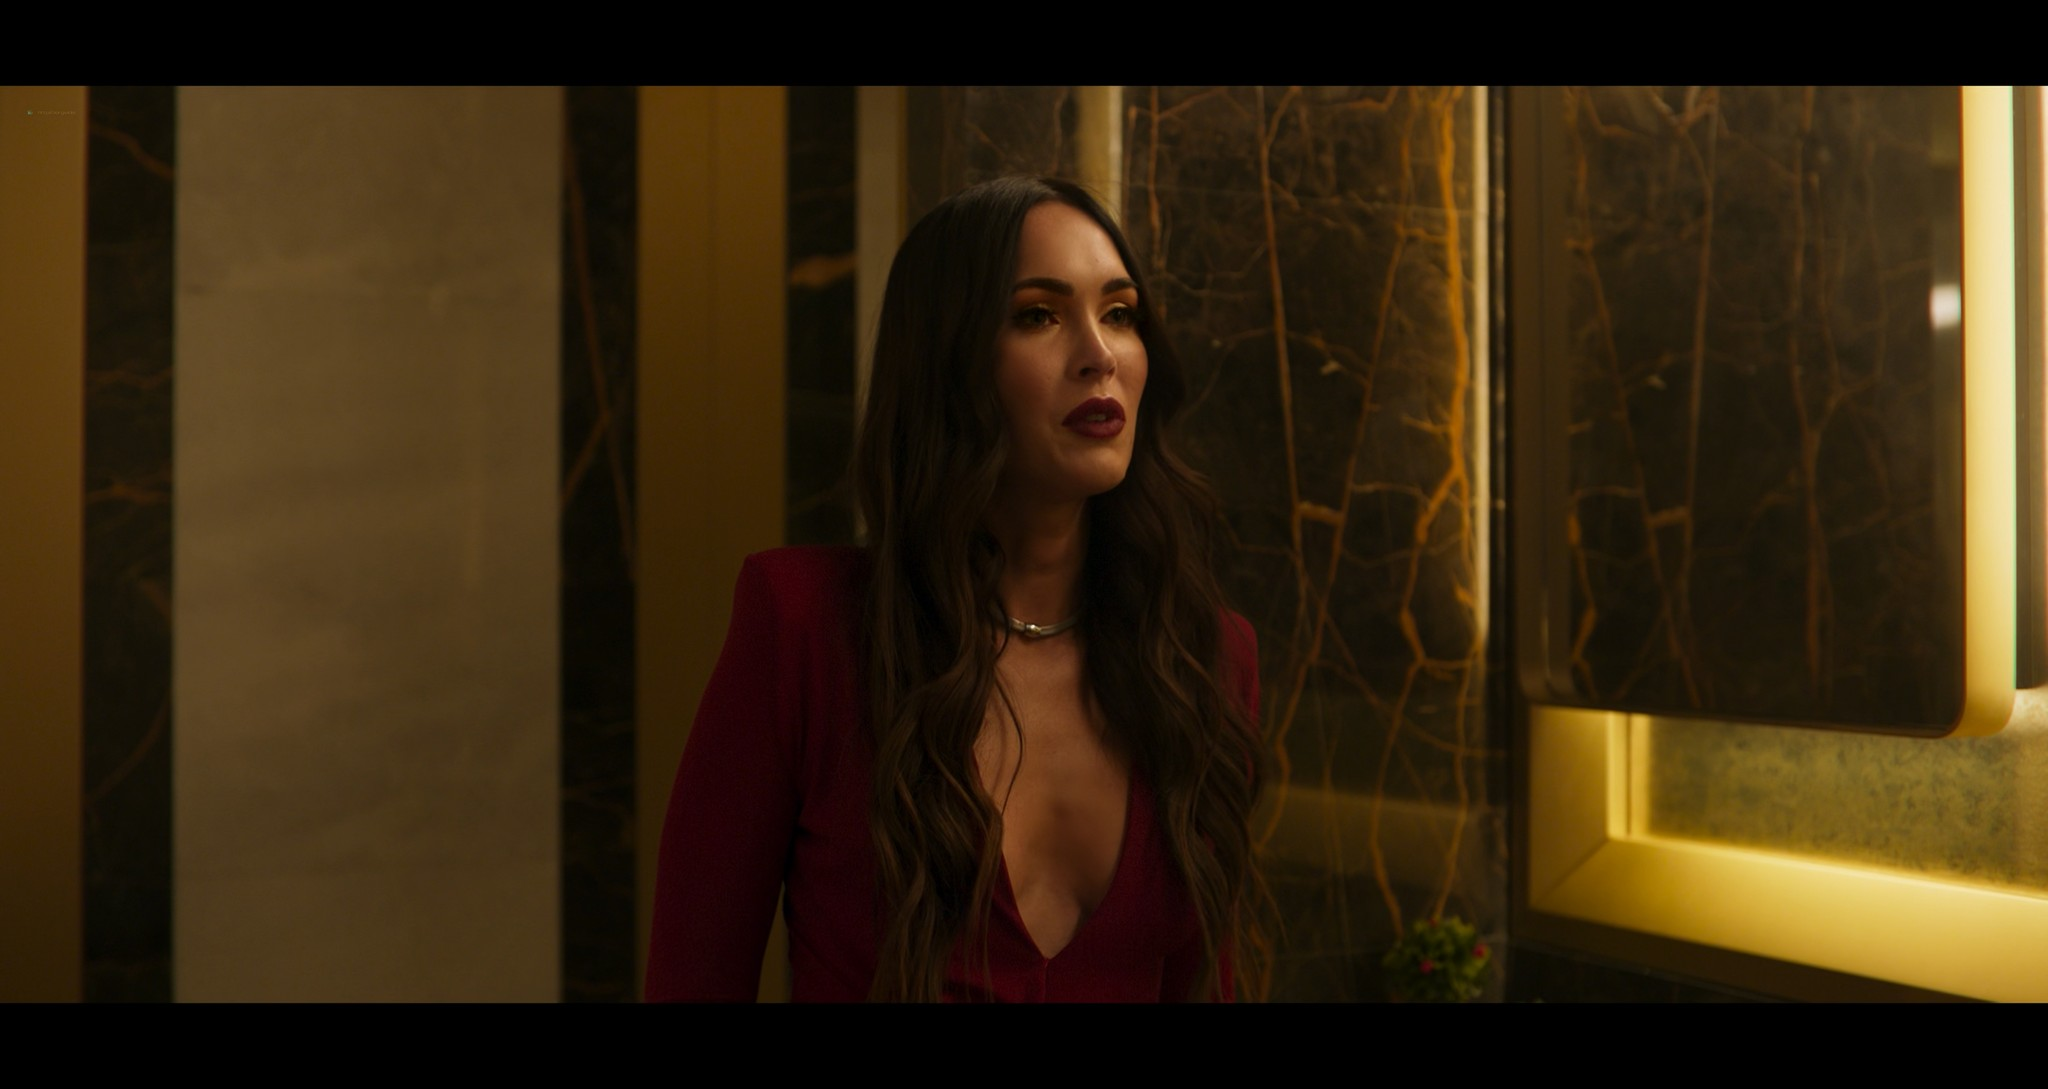 Megan Fox hot and sexy Till Death 2021 4k 2160p Web 7